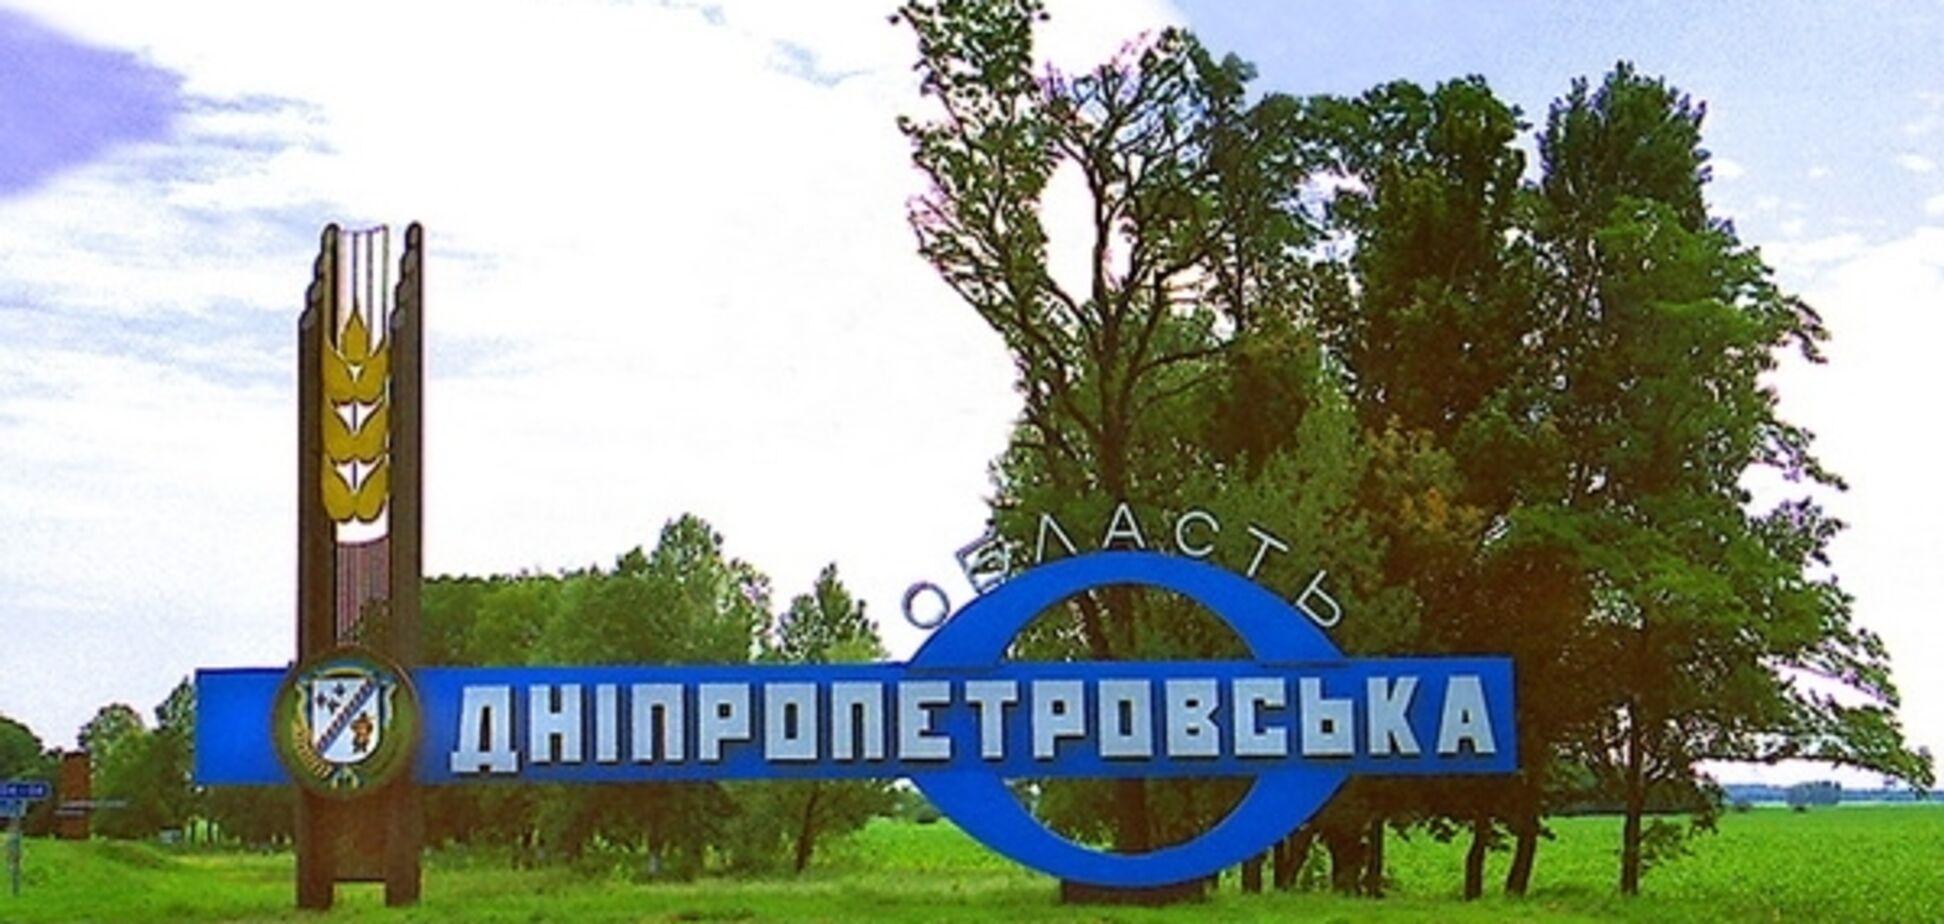 Стало известно, когда исчезнет Днепропетровская область